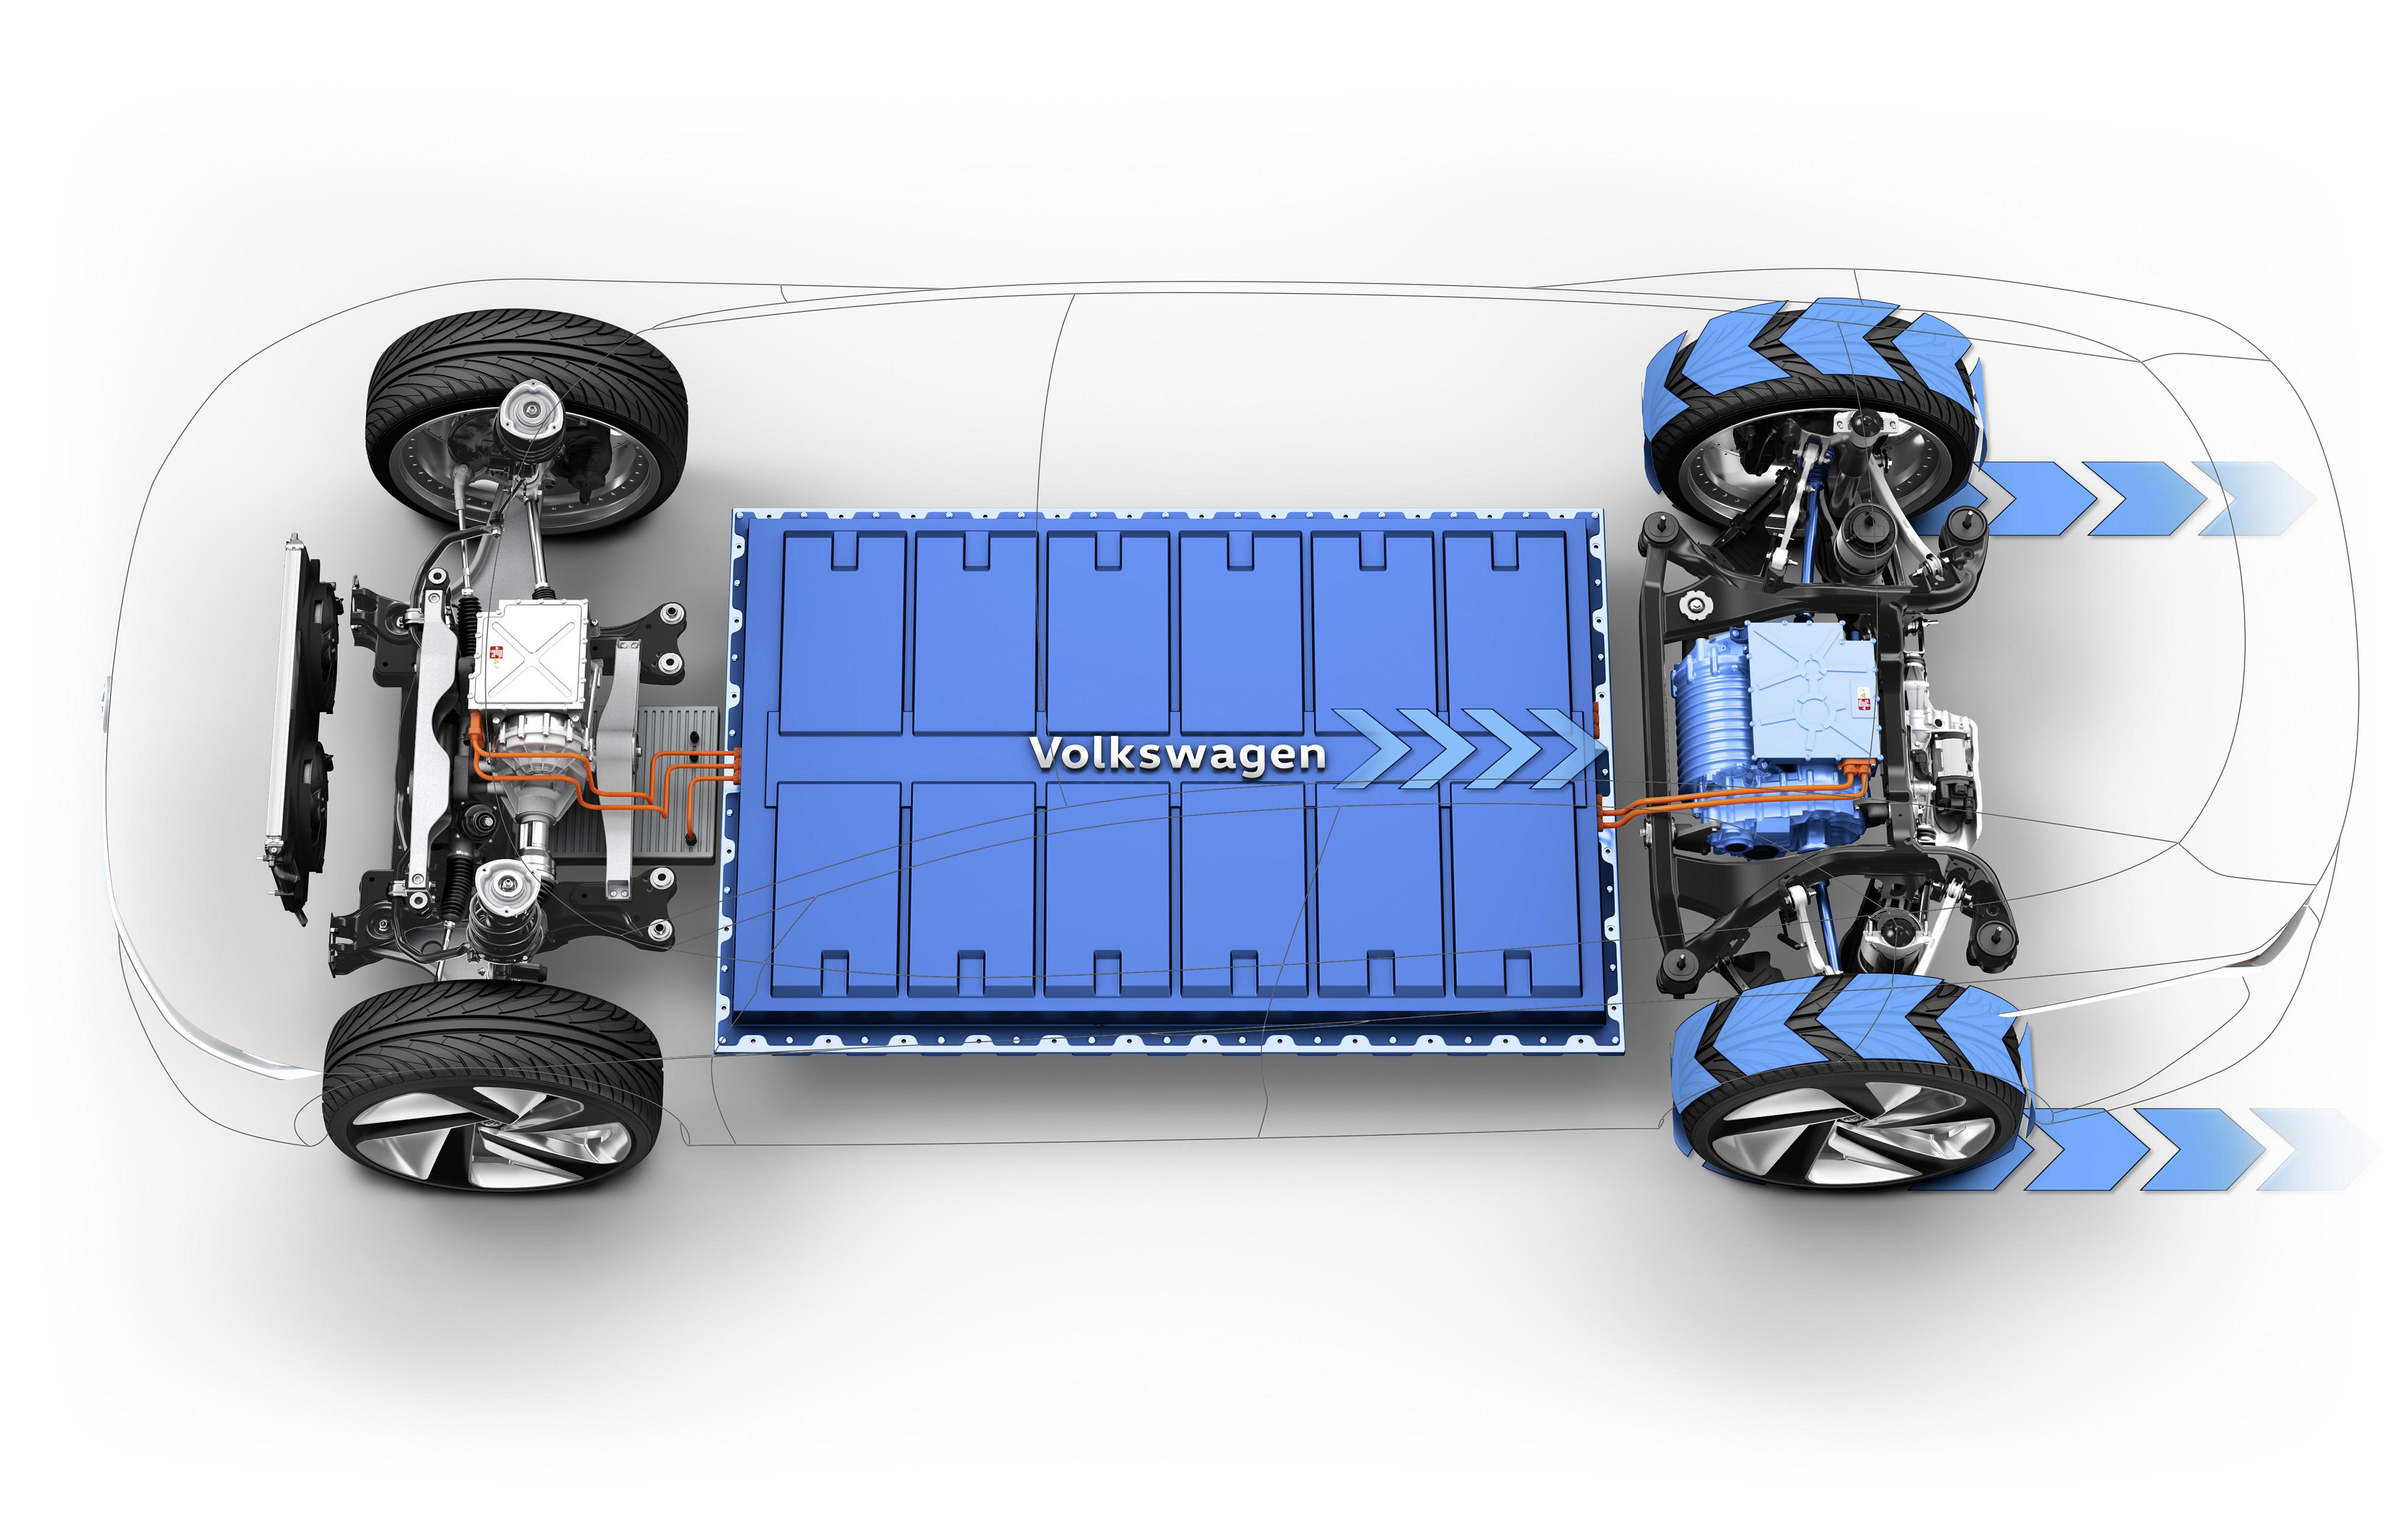 volkswagen i.d. vizzion batterie pianale disegno tecnico